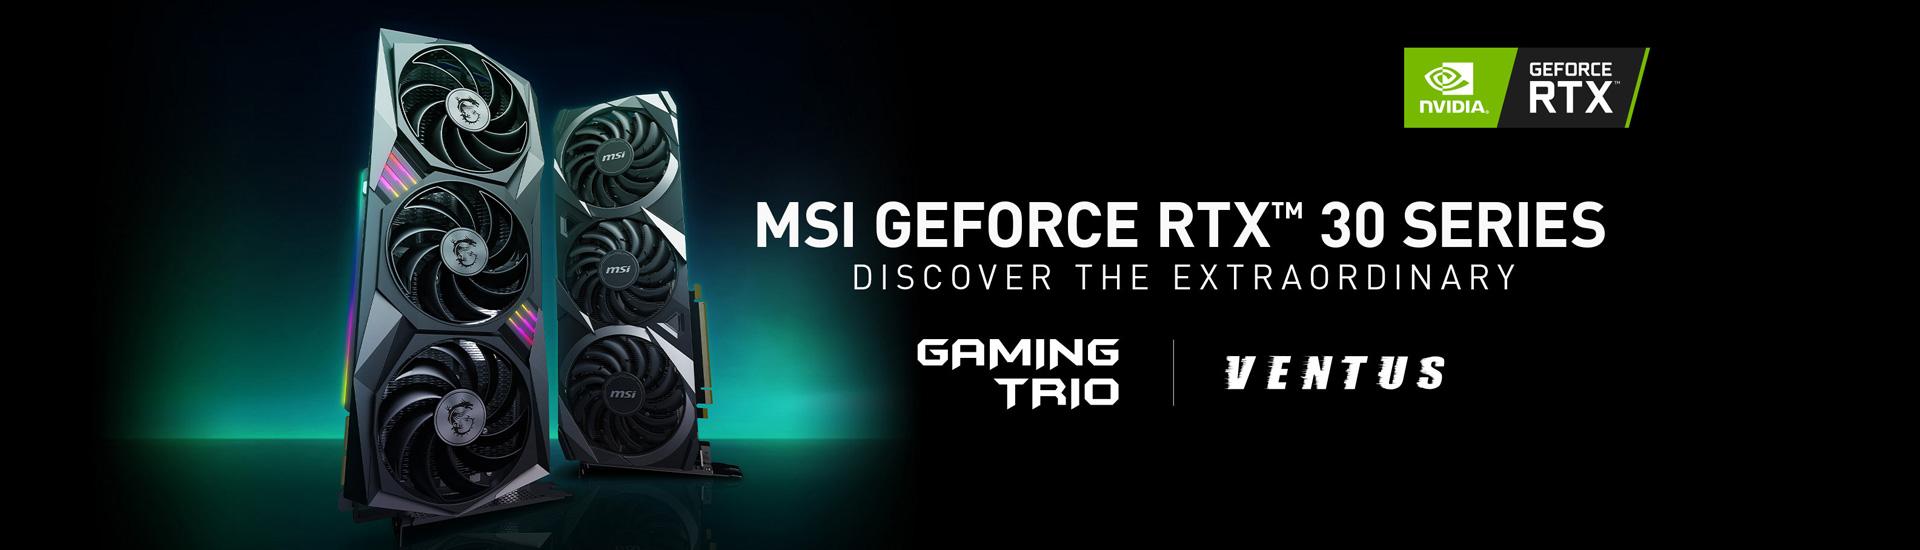 GeForce® RTX 30 Series